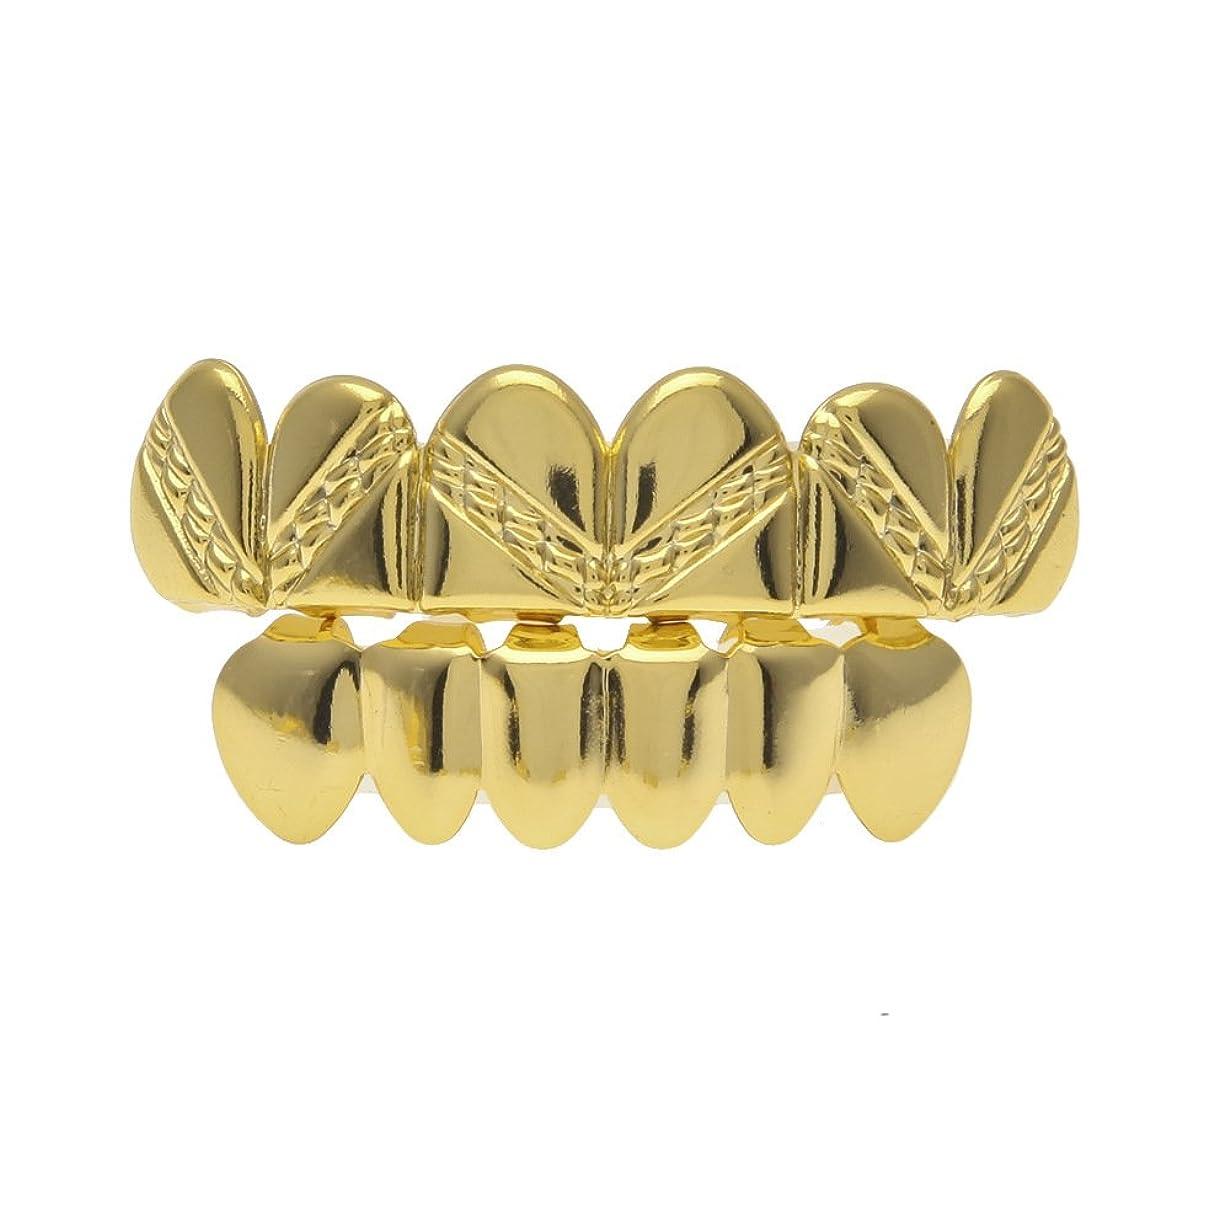 経済年次極貧ゴールドメッキブレースリアルゴールドメッキ光沢ツイルヒップホップモデル,Gold